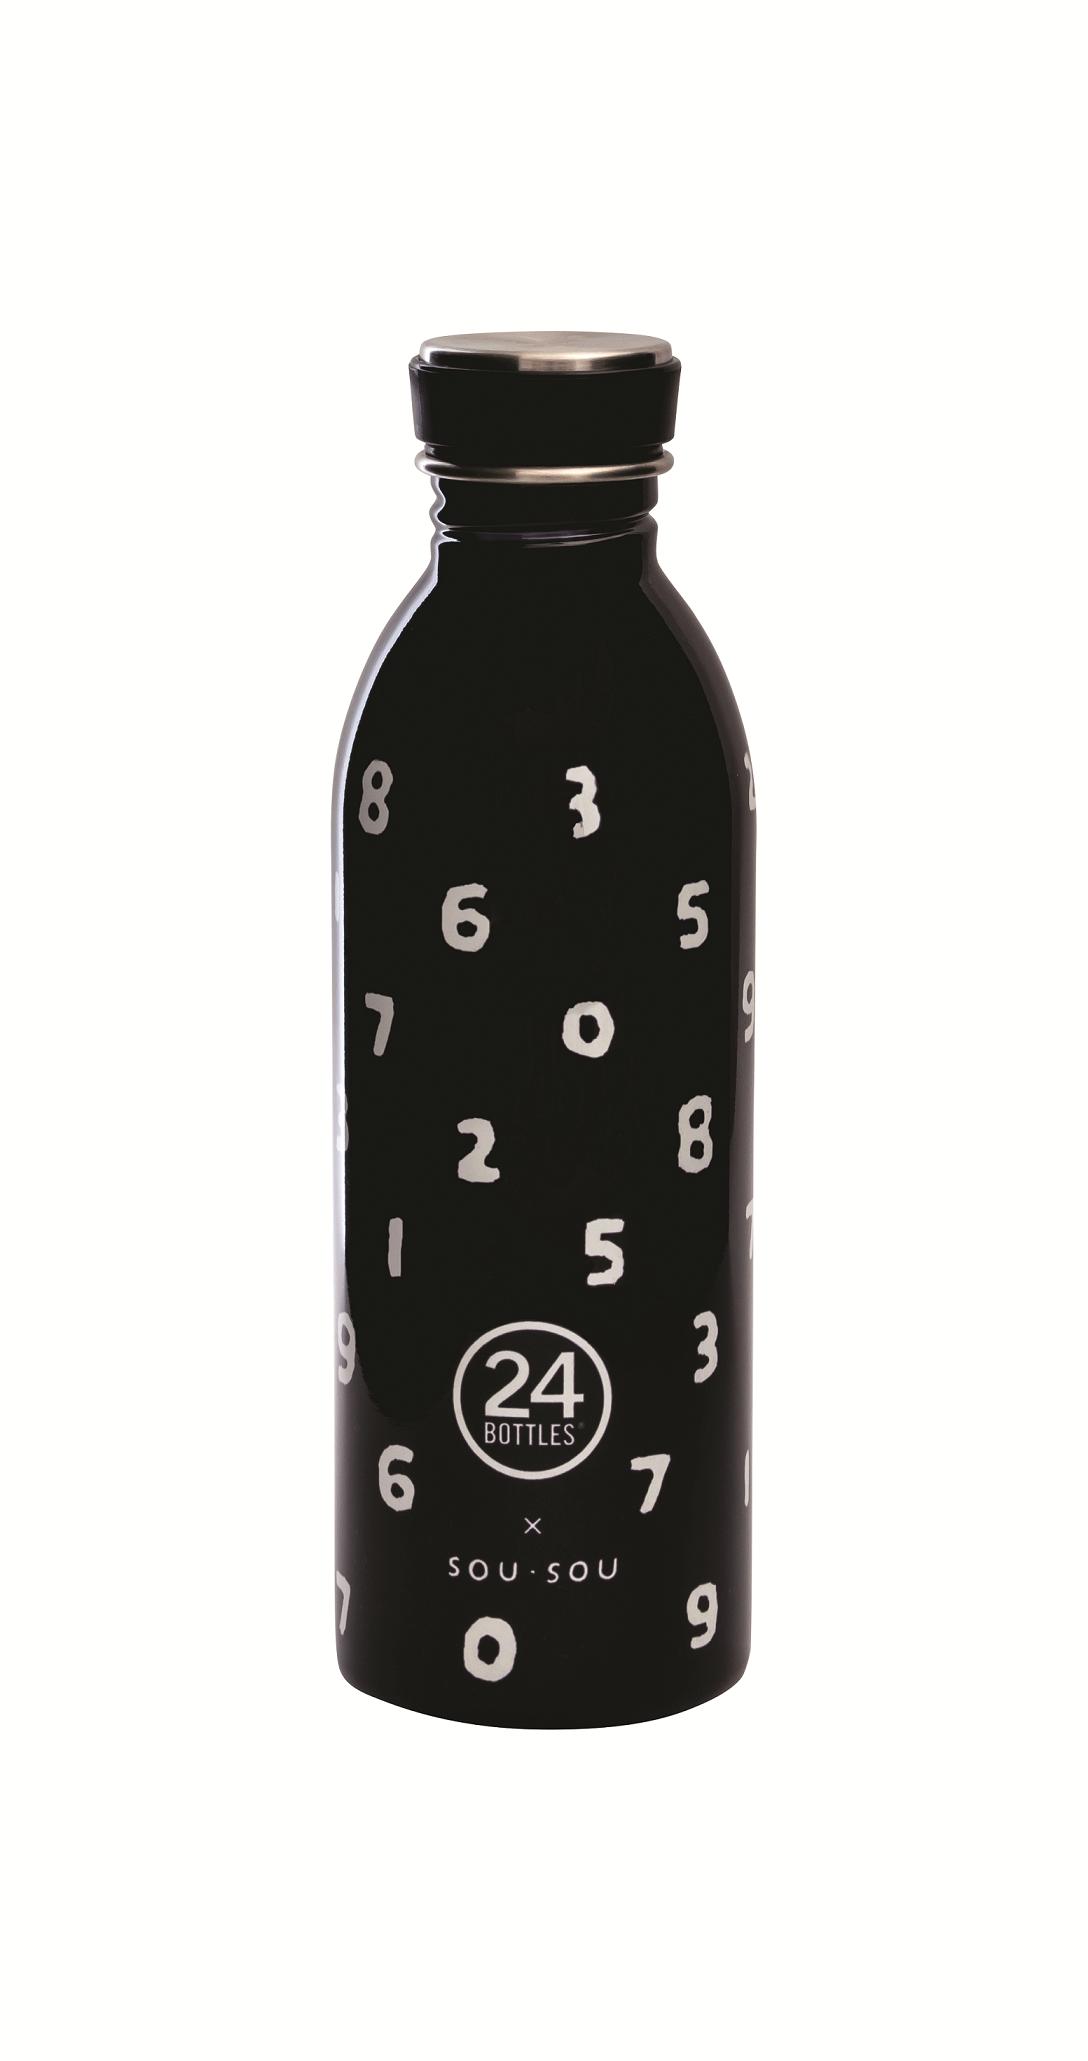 SOU‧SOU X 24bottles獨家聯名城市水瓶,950元。圖/誠品提供